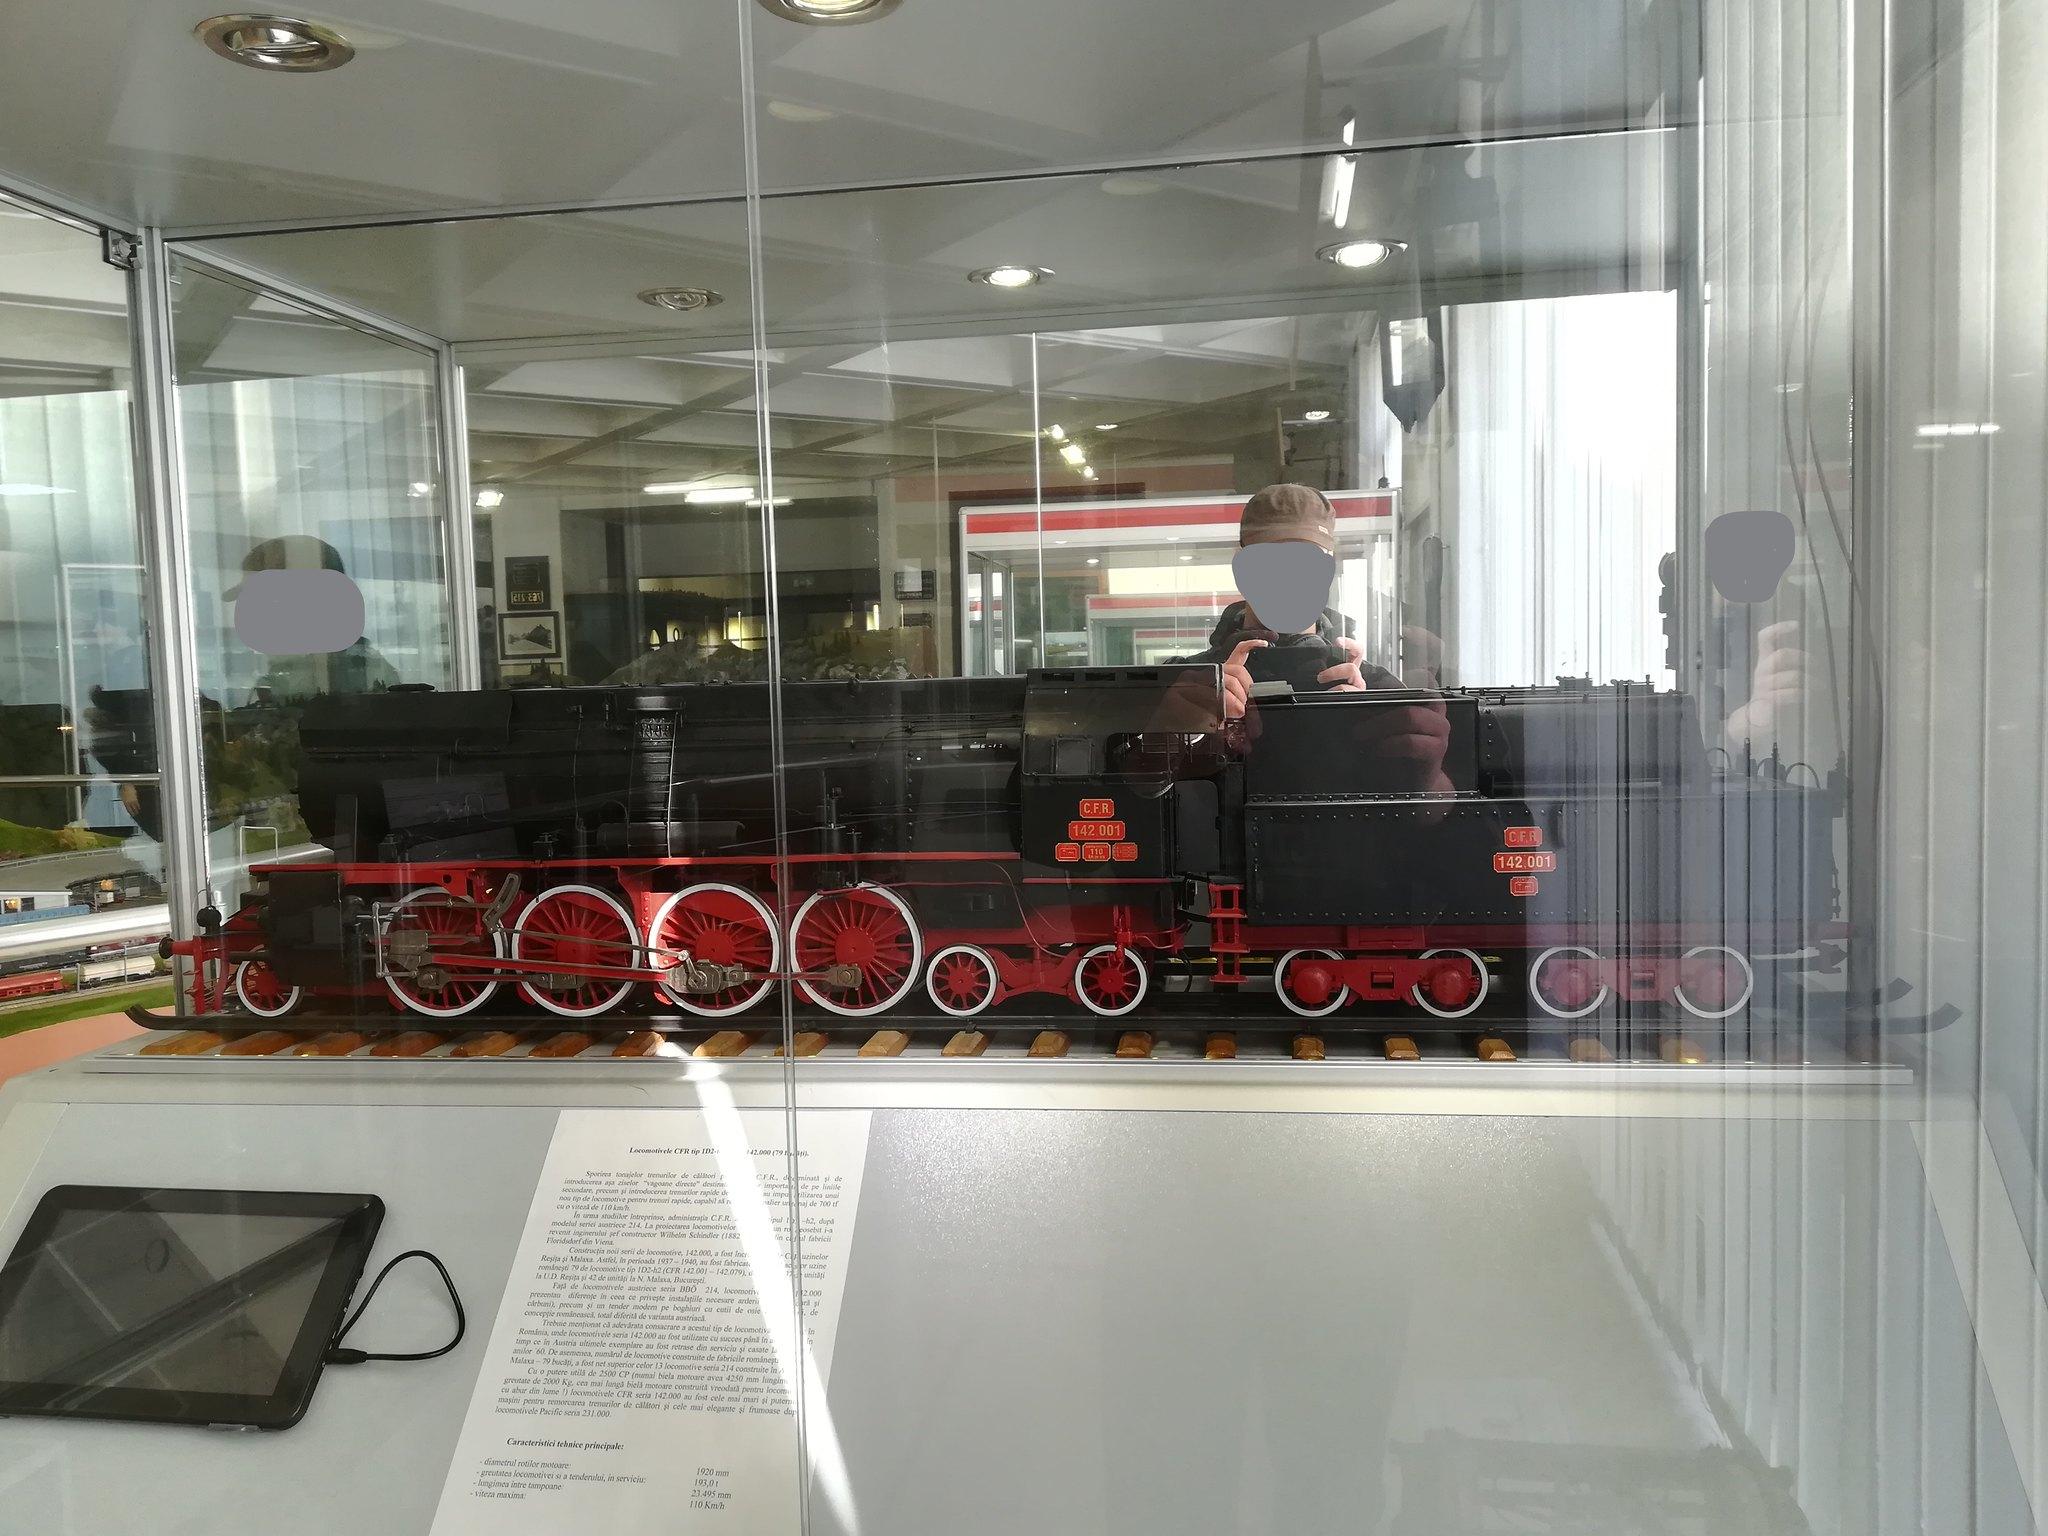 Reportaje feroviare Adirmvl - Pagina 21 49596223412_5546aed155_k